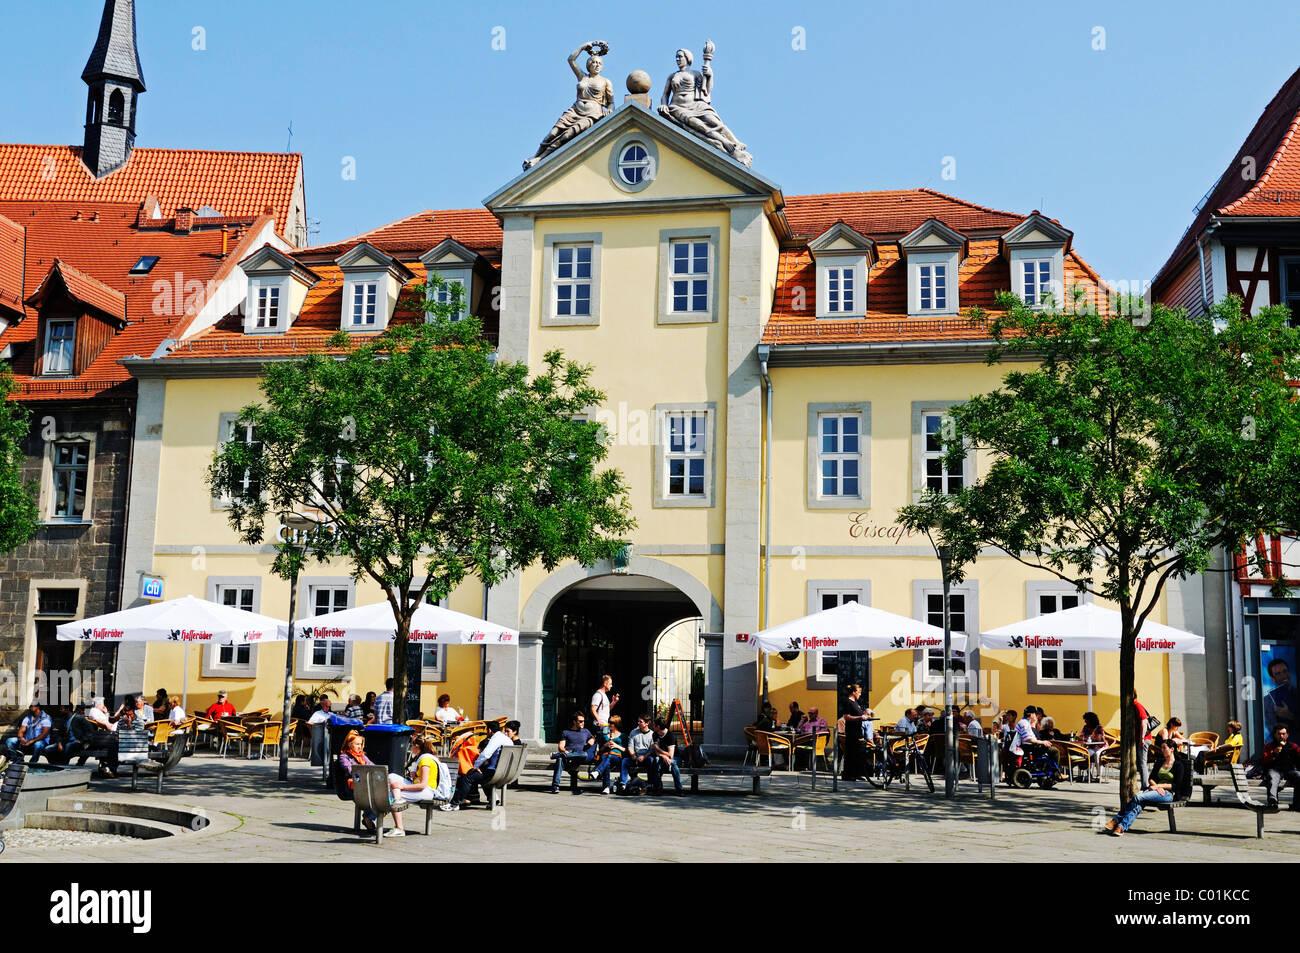 Sidewalk cafes on Anger square, Erfurt, Thuringia, Germany, Europe - Stock Image